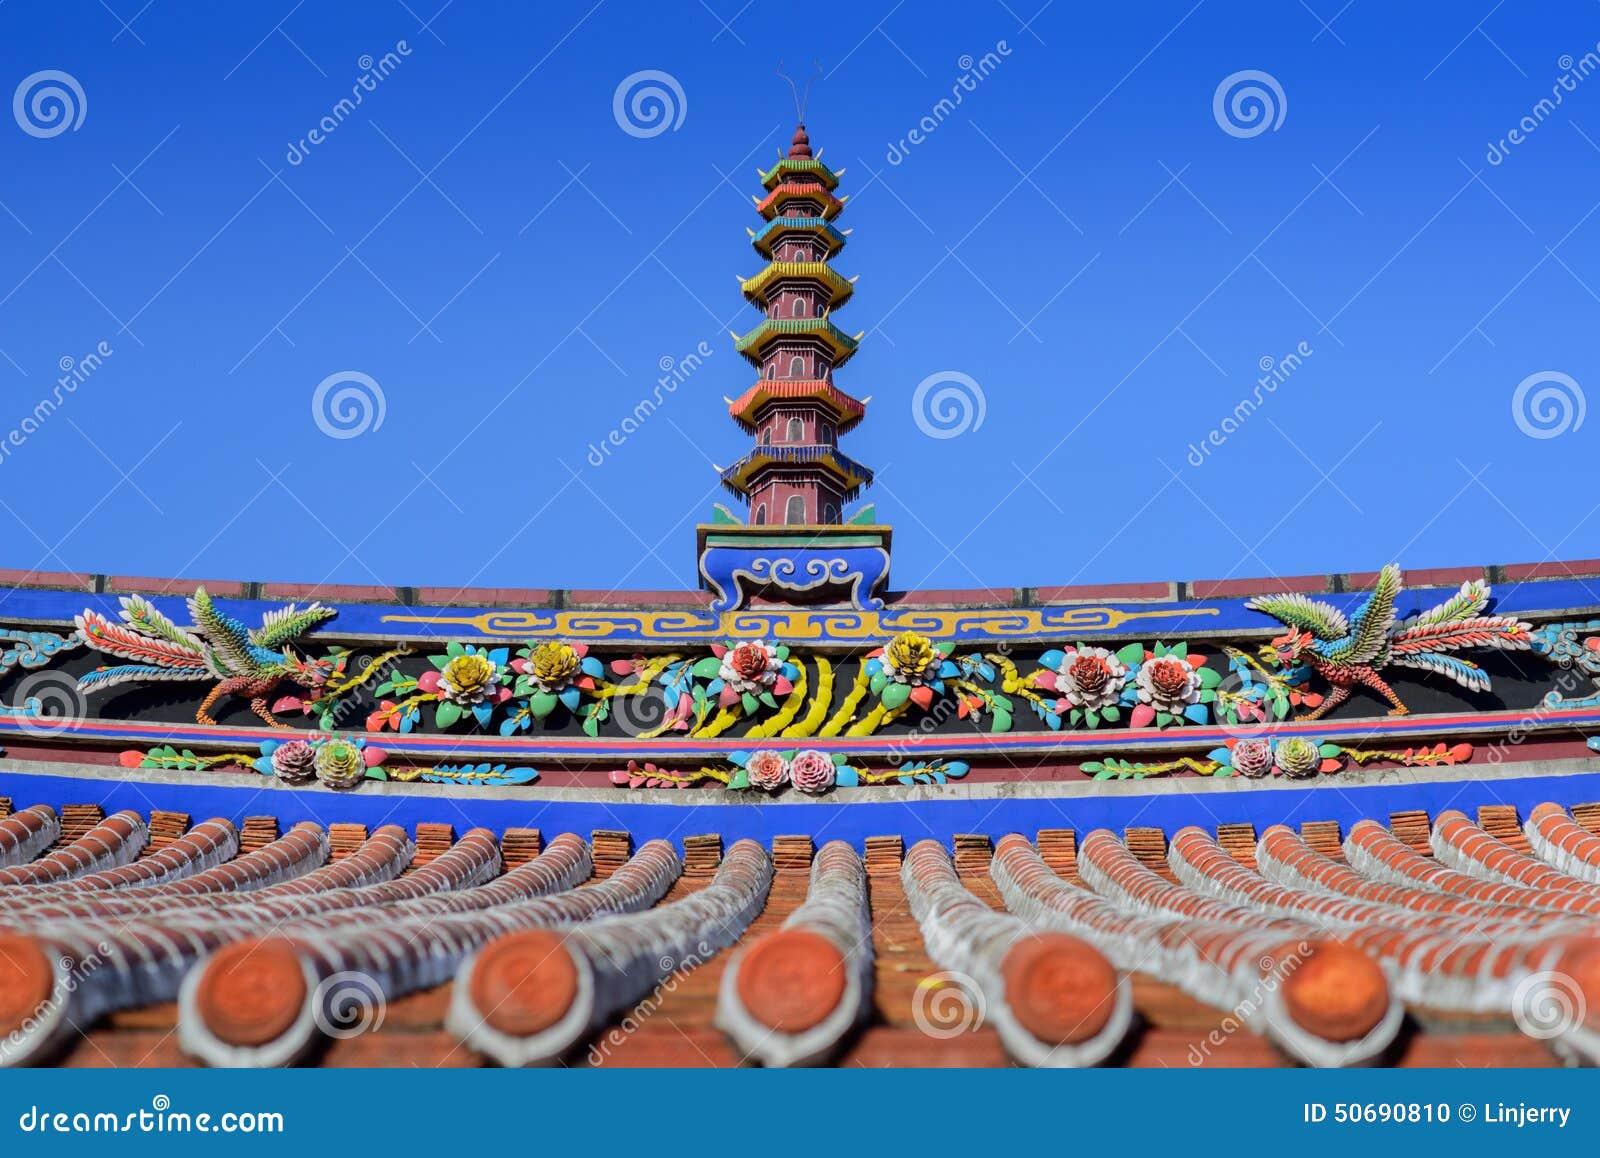 Download 中国寺庙屋顶 库存照片. 图片 包括有 汉语, 颜色, 金黄, 文化, 有历史, 拱道, 外部, 古典, 镇痛药 - 50690810